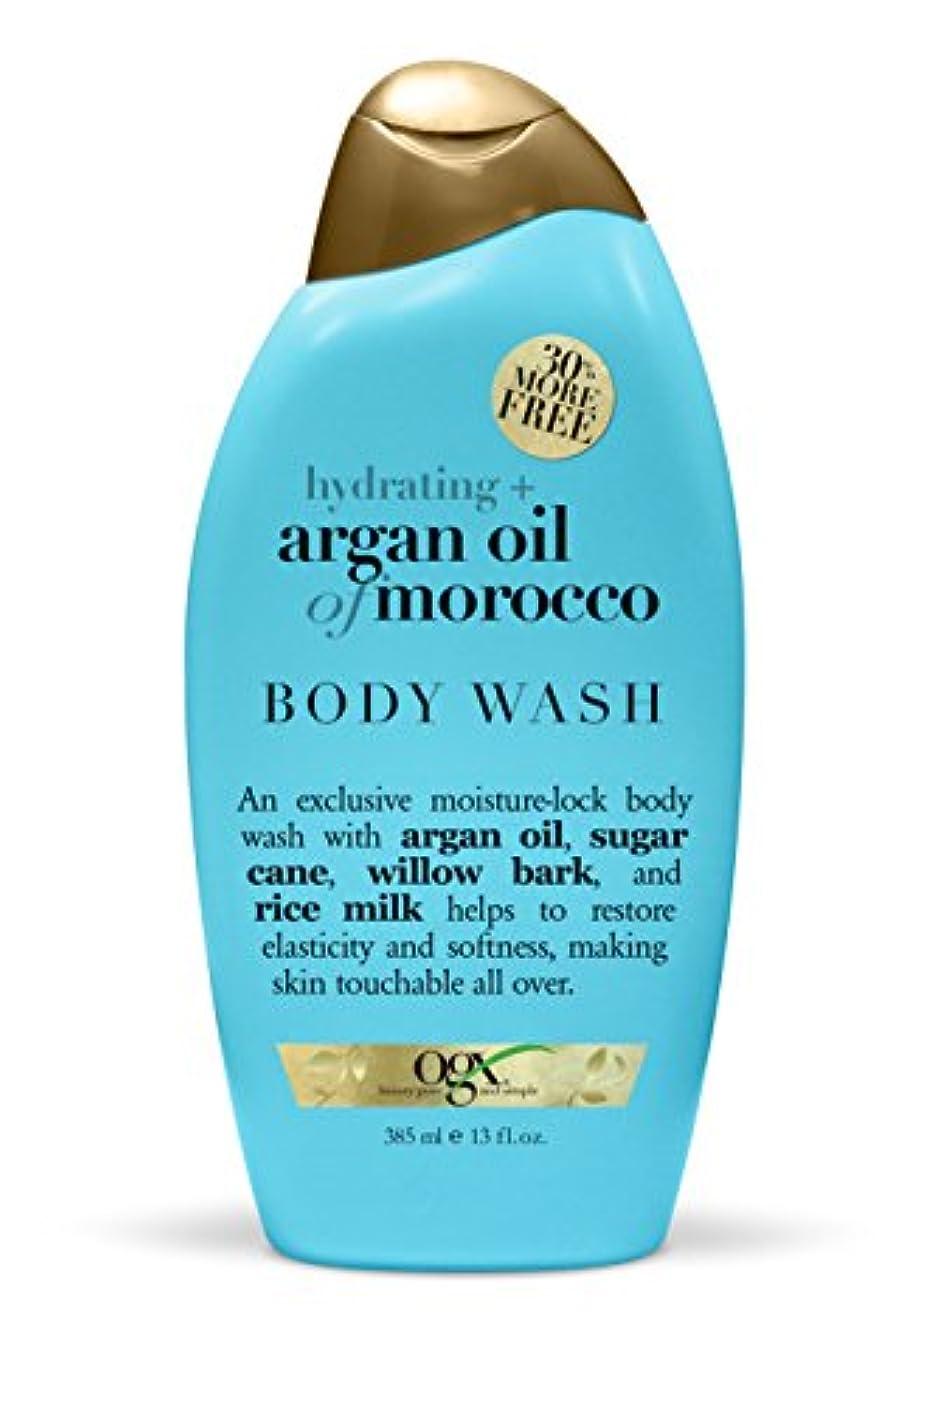 コミットメントみなさんリストOrganix Body Wash Moroccan Argan Oil 385 ml (Hydrating) (並行輸入品)